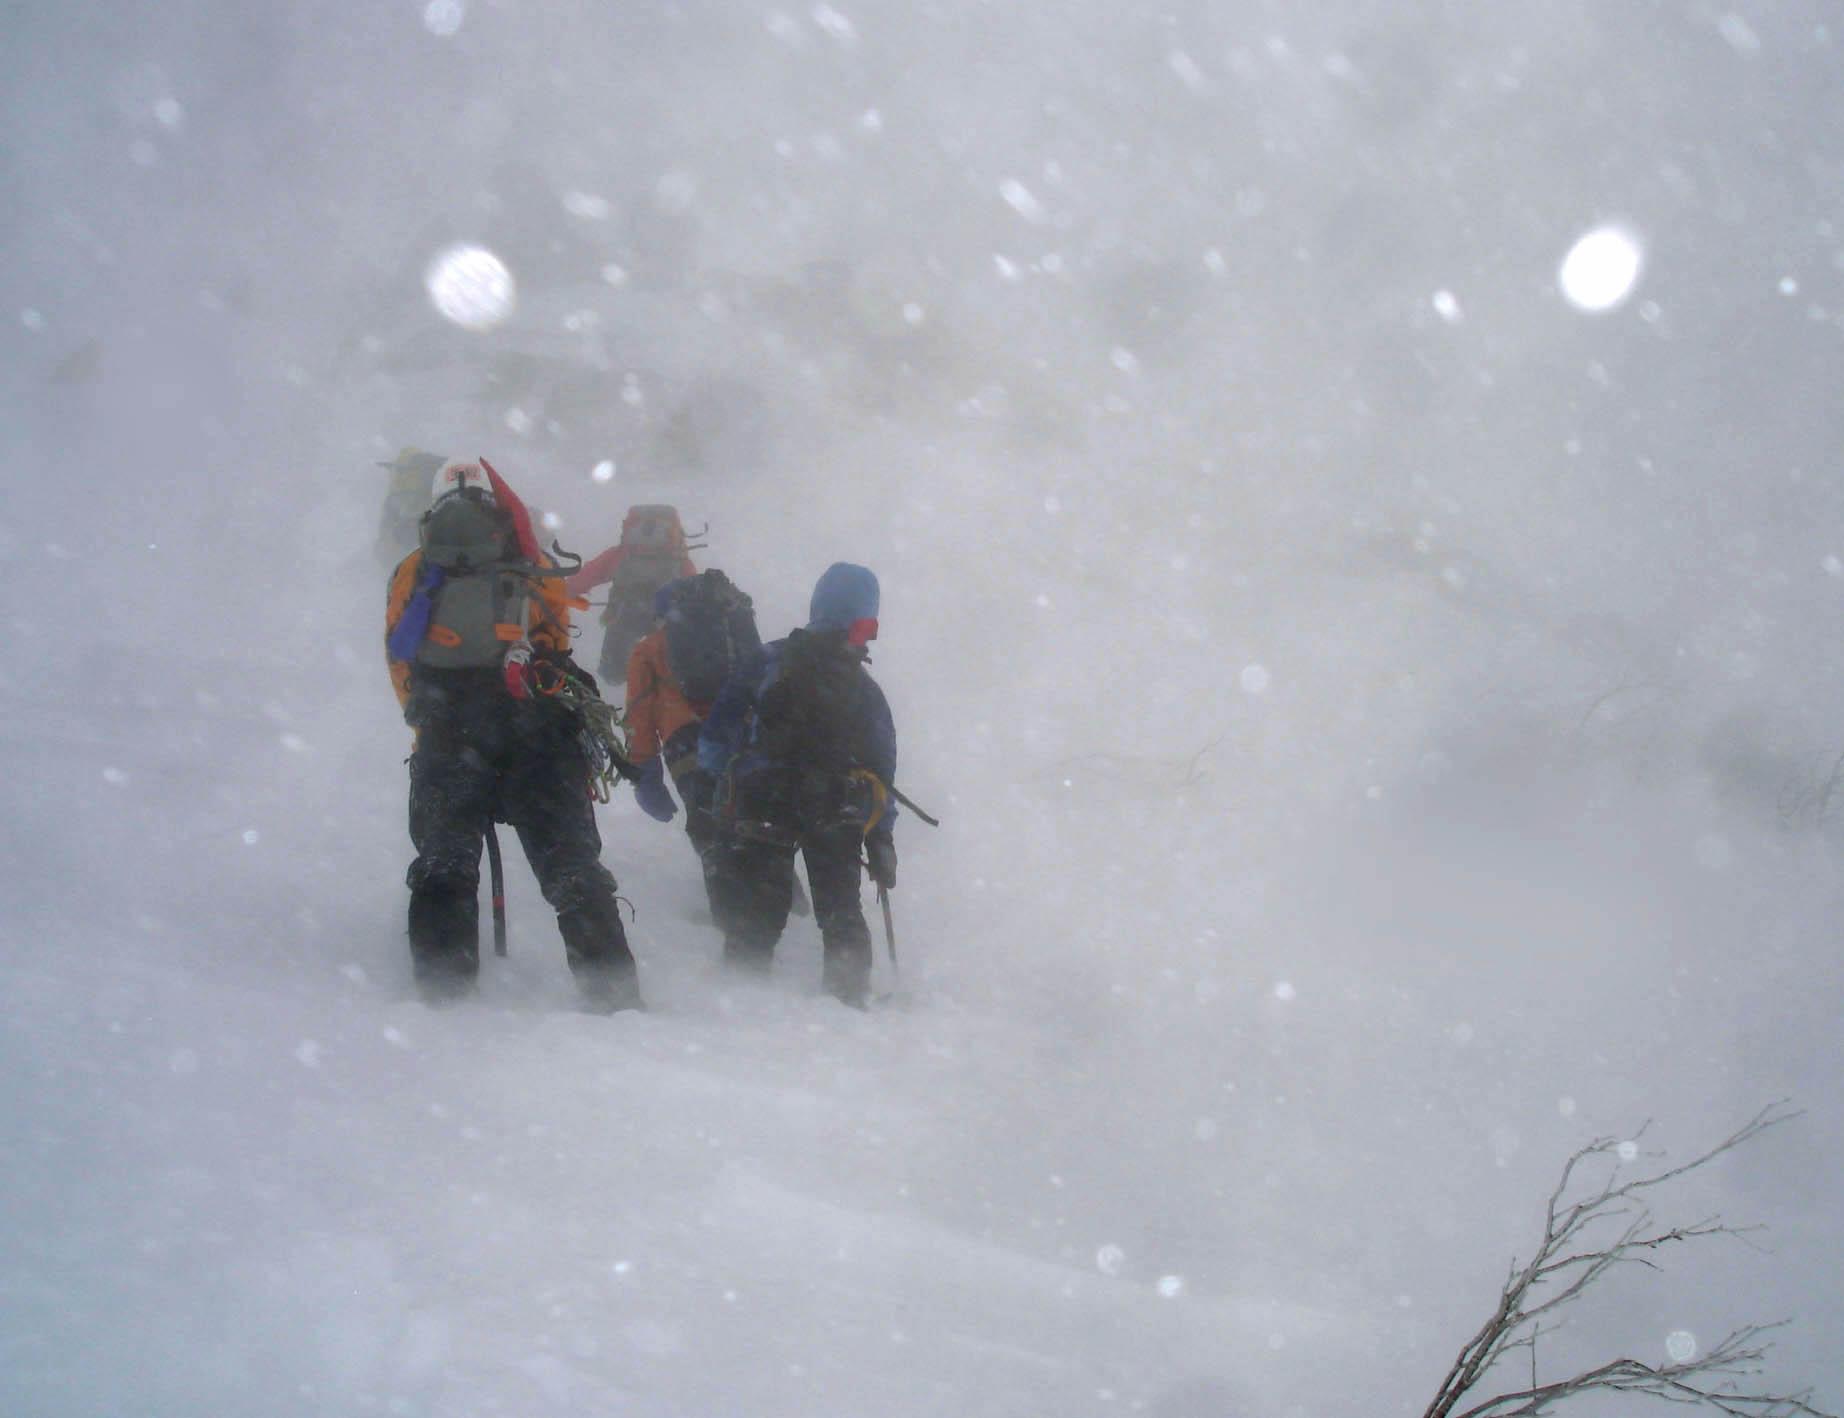 雪庇観察のために支稜線に向かって登るが・・・